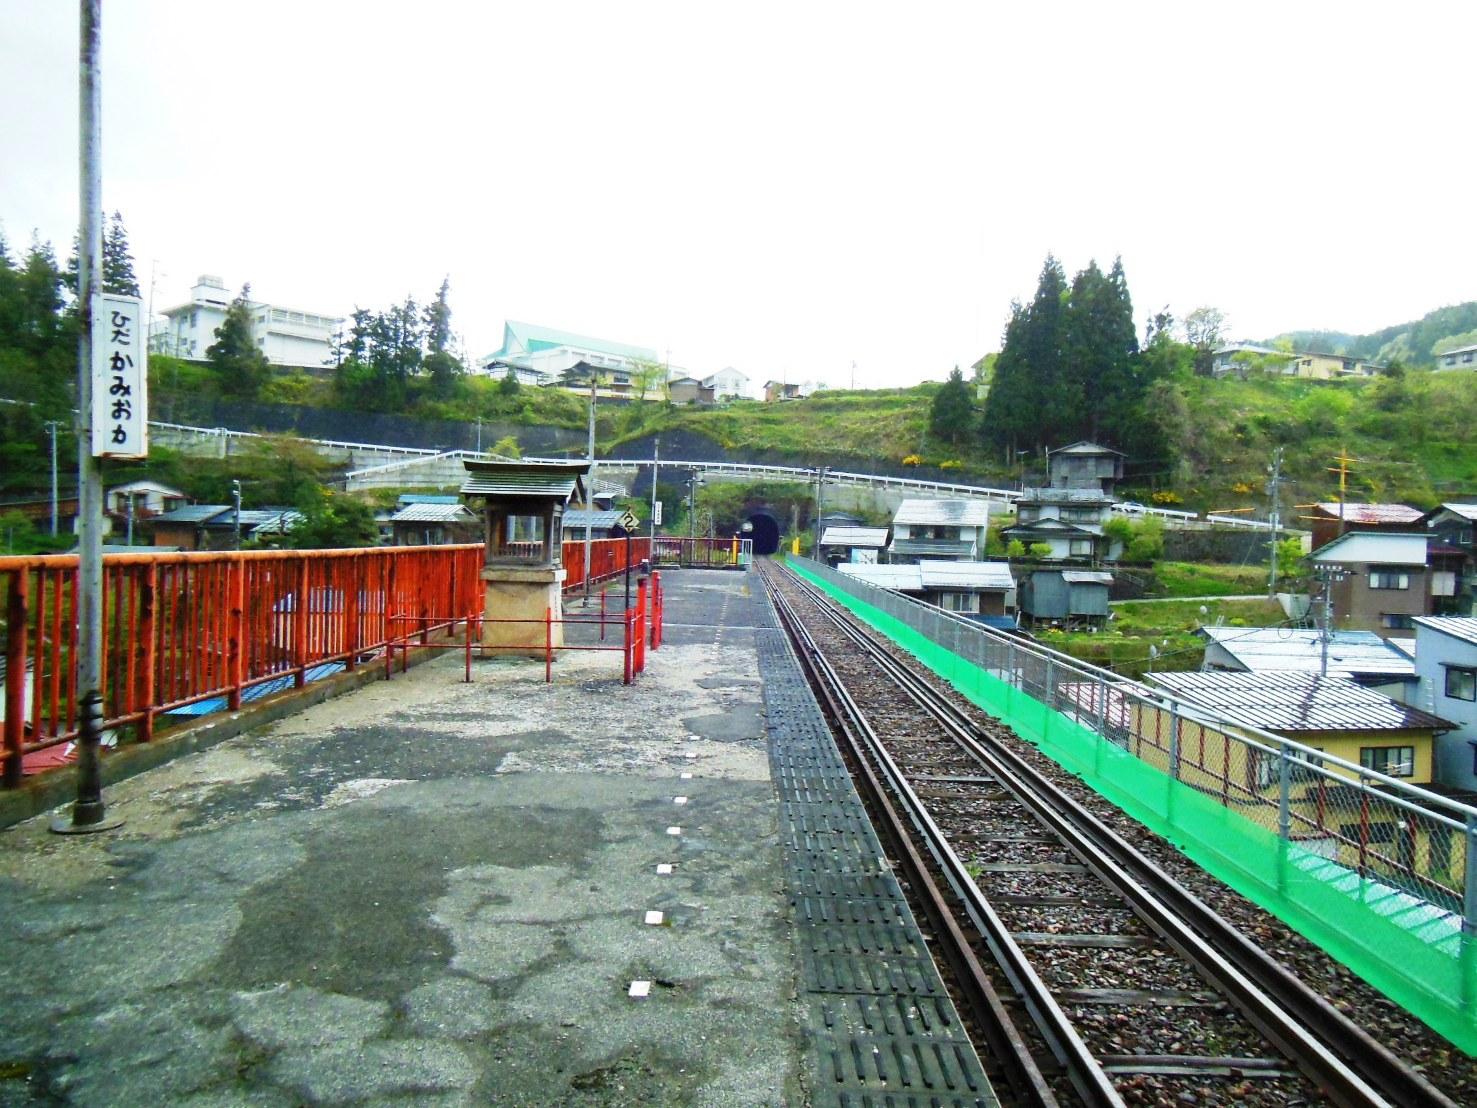 自転車の 飛騨市 鉄道自転車 : ハ~イ!オバ鉄です 松本電鉄 ...